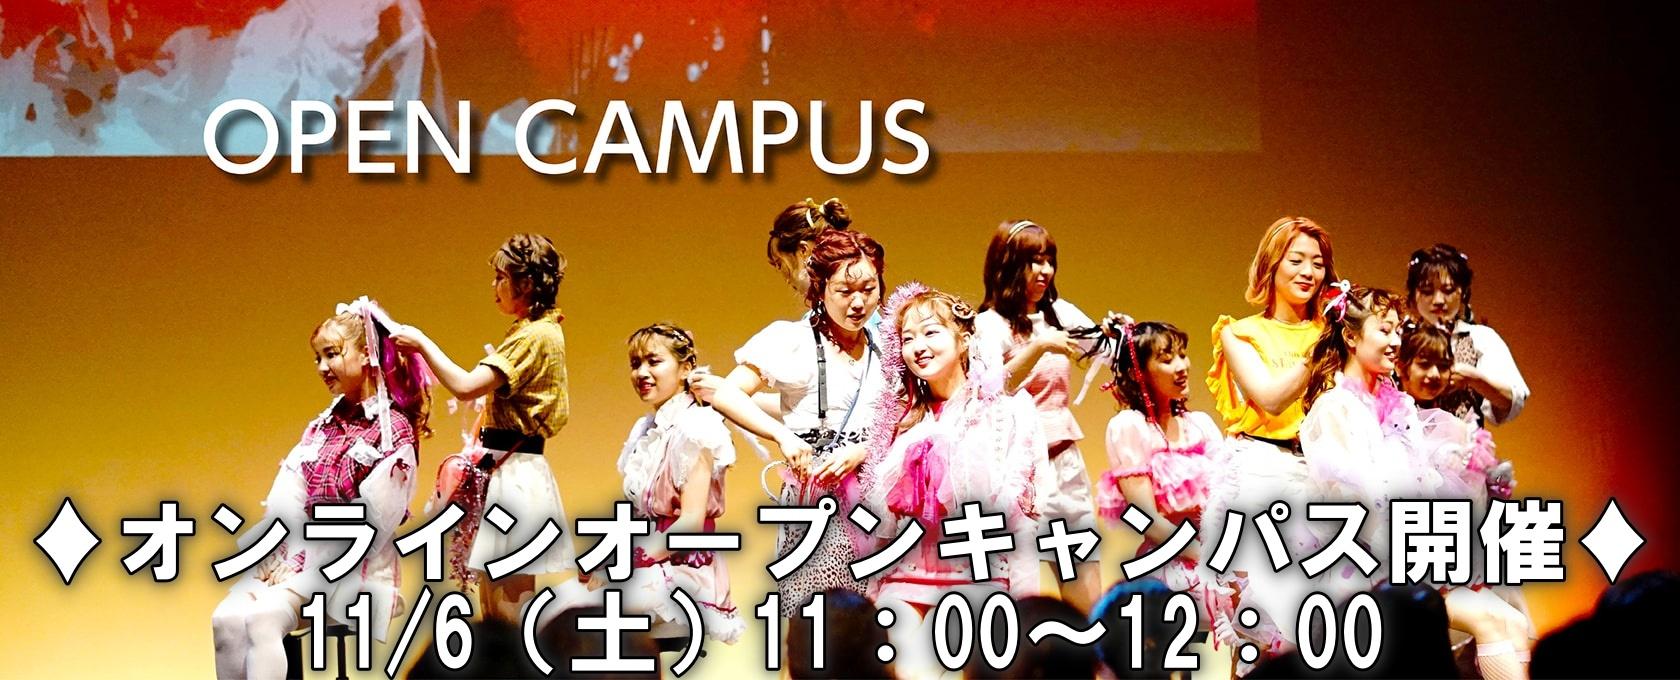 東京の美容専門学校:国際文化理容美容専門学校のオープンキャンパス20211106